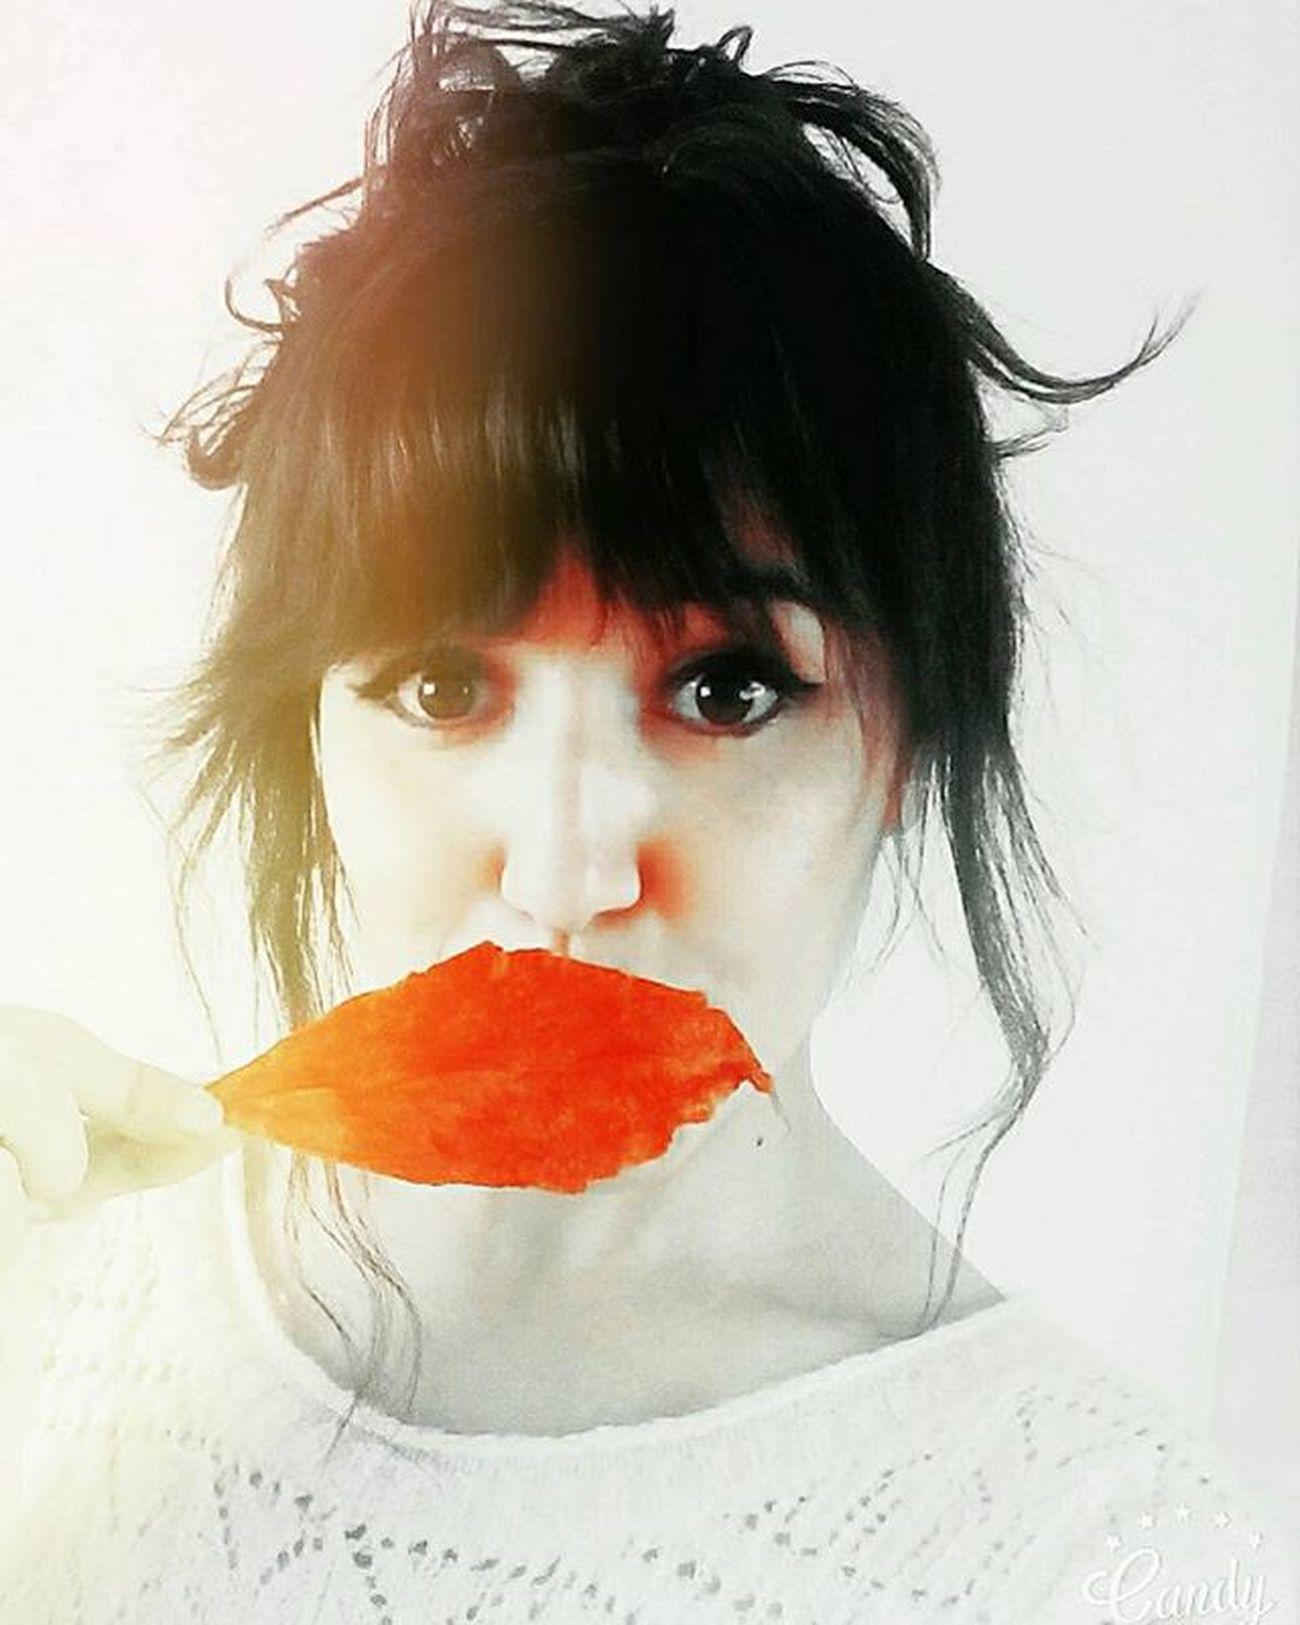 Elime ne geçerse malzeme olarak kullanıyorum. Oda oda değil Fotografatolyesi ... Bu yapraklar çok güzel ama 👯 🍂🍁✌💙 💋 Mutluhaftasonları Donttalkonlysee 👀👀 Eyesofmoon 😚 HappyFriday Eyeseyesbaby Selfie Hello RedLeaves Kiss Happyweekend Autumngirl Pureness Look Fridaylook Moondustworks Supergirl 😚